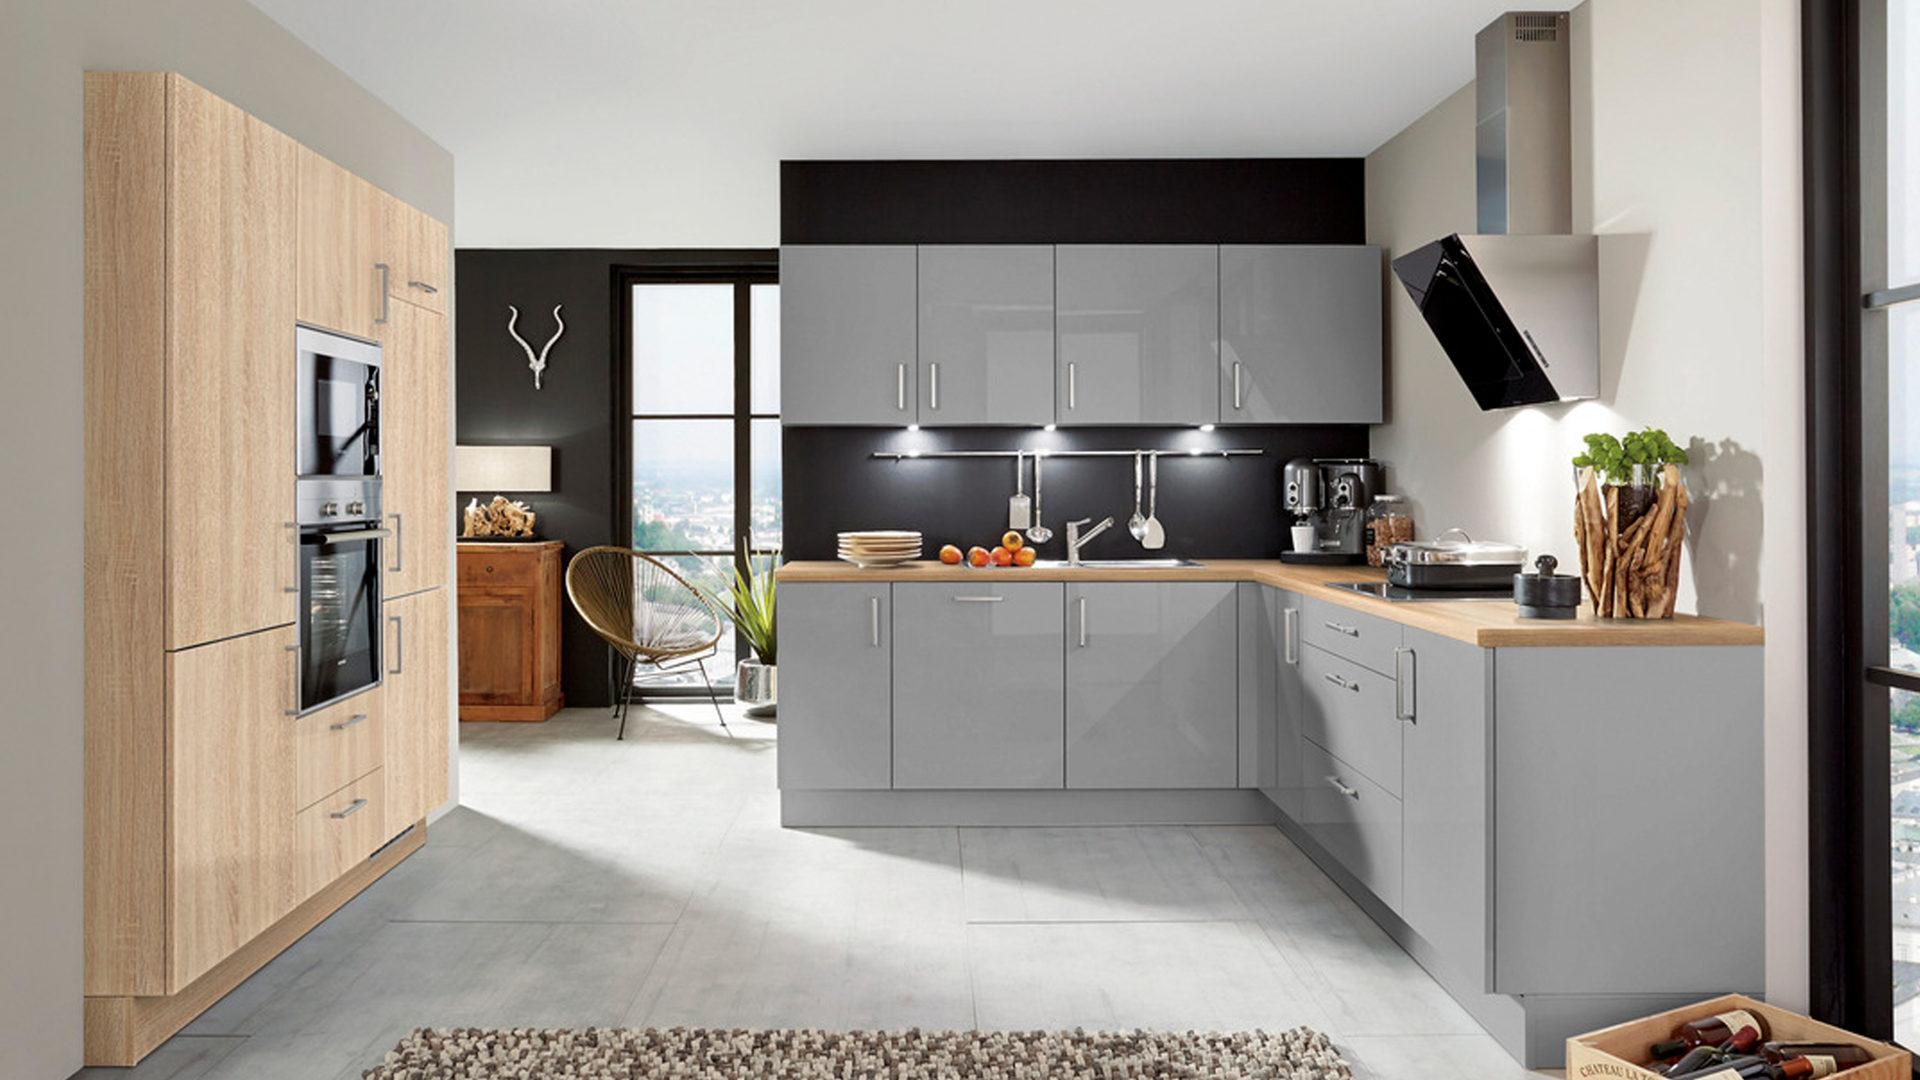 Einbauküche mit SIEMENS-Elektrogeräten wie Kühlschrank etc ...